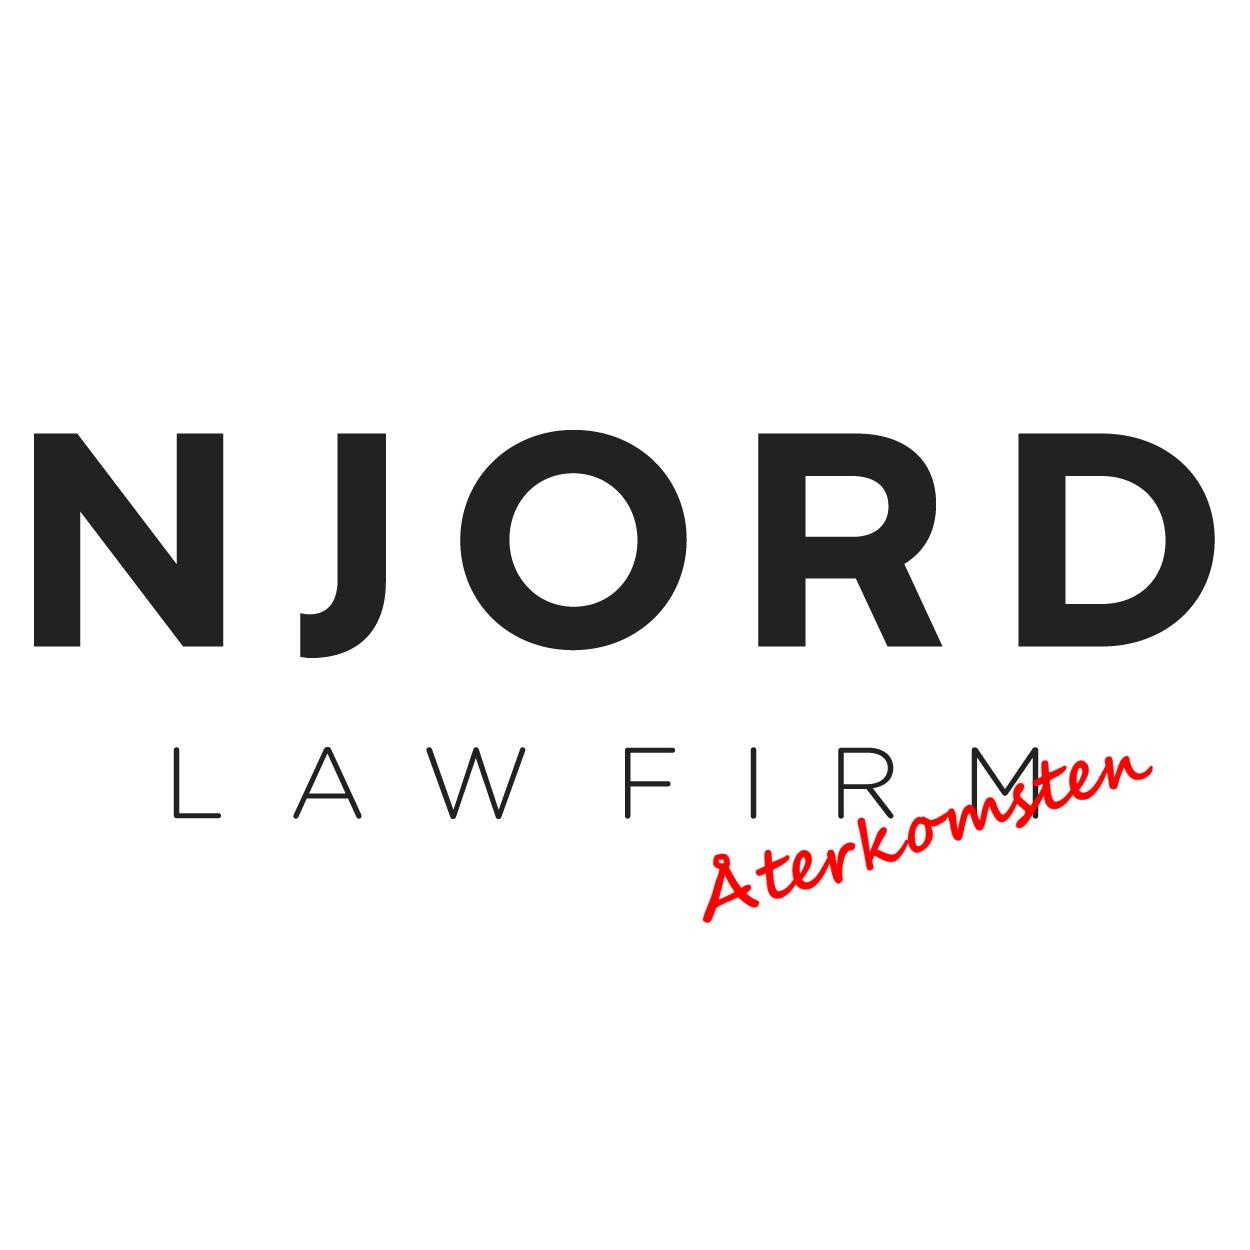 Jag har fått en påminnelse från Njord Law – vad gör jag?